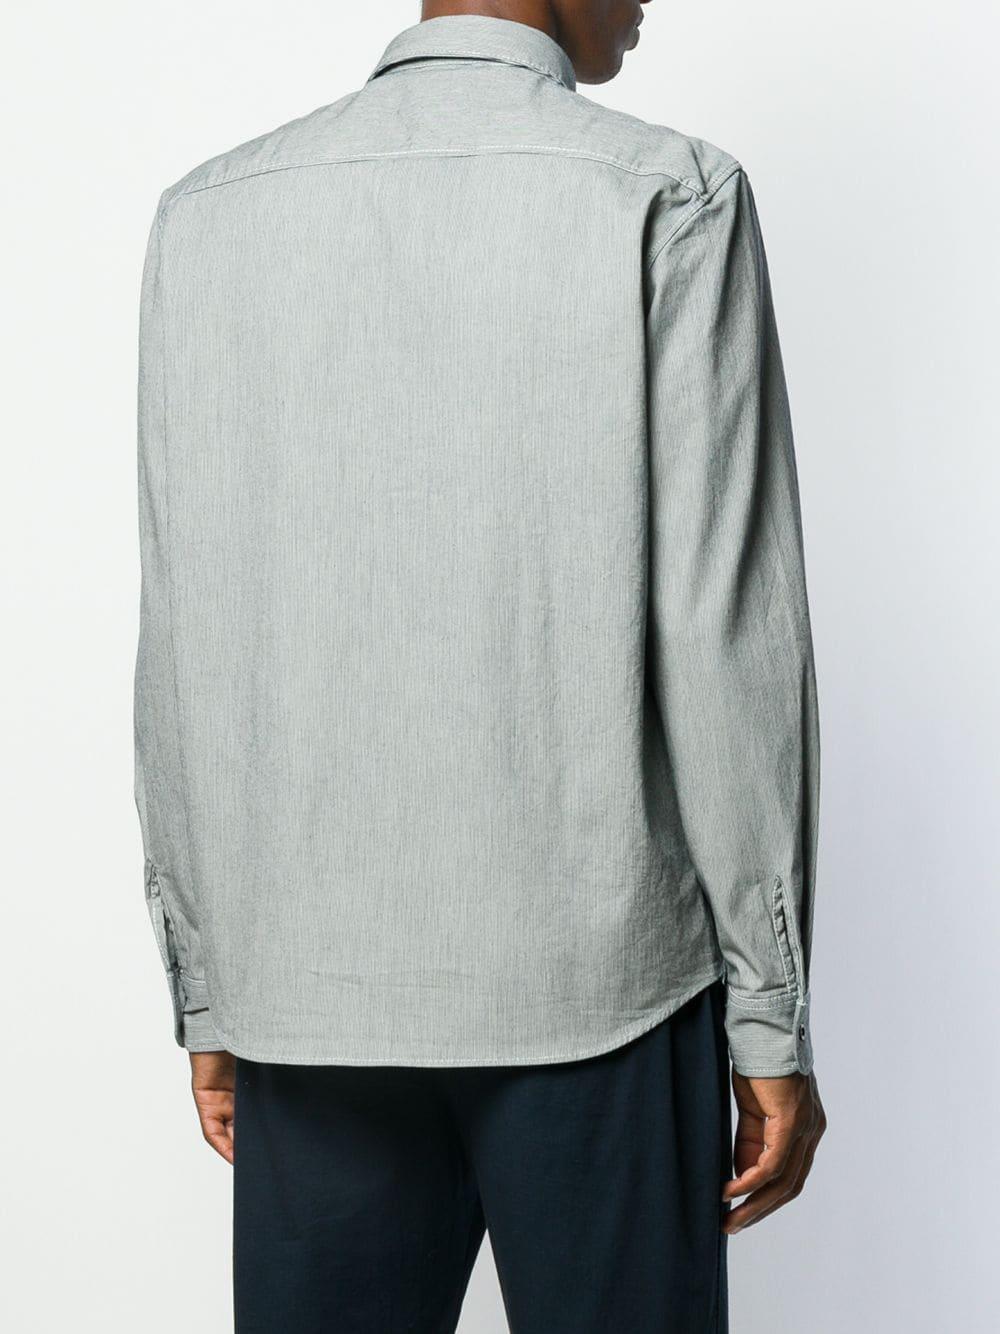 A.P.C. Katoen Overhemd Met Lange Mouwen in het Zwart voor heren